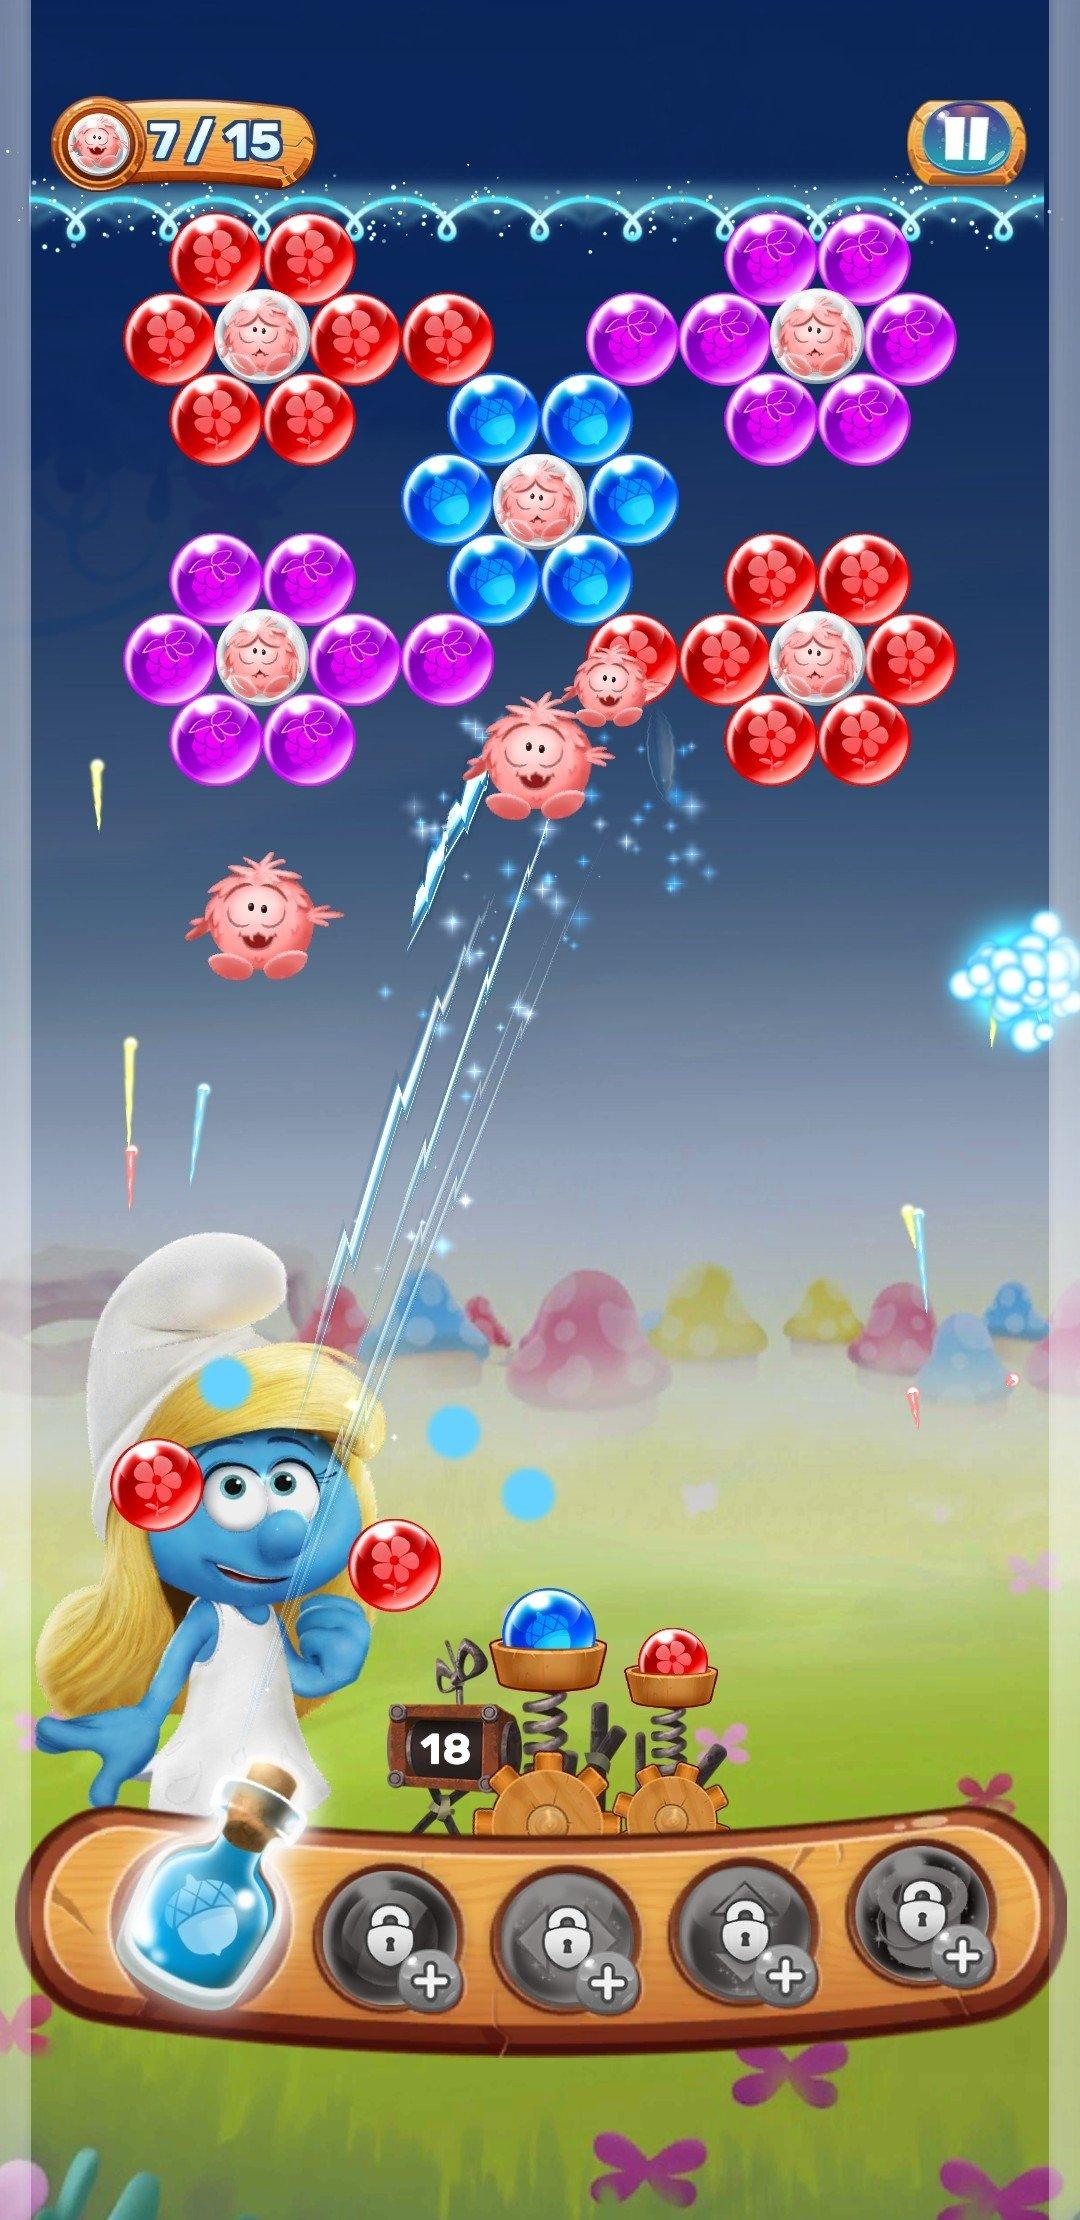 Schtroumpfs Histoire de bulles Android image 8